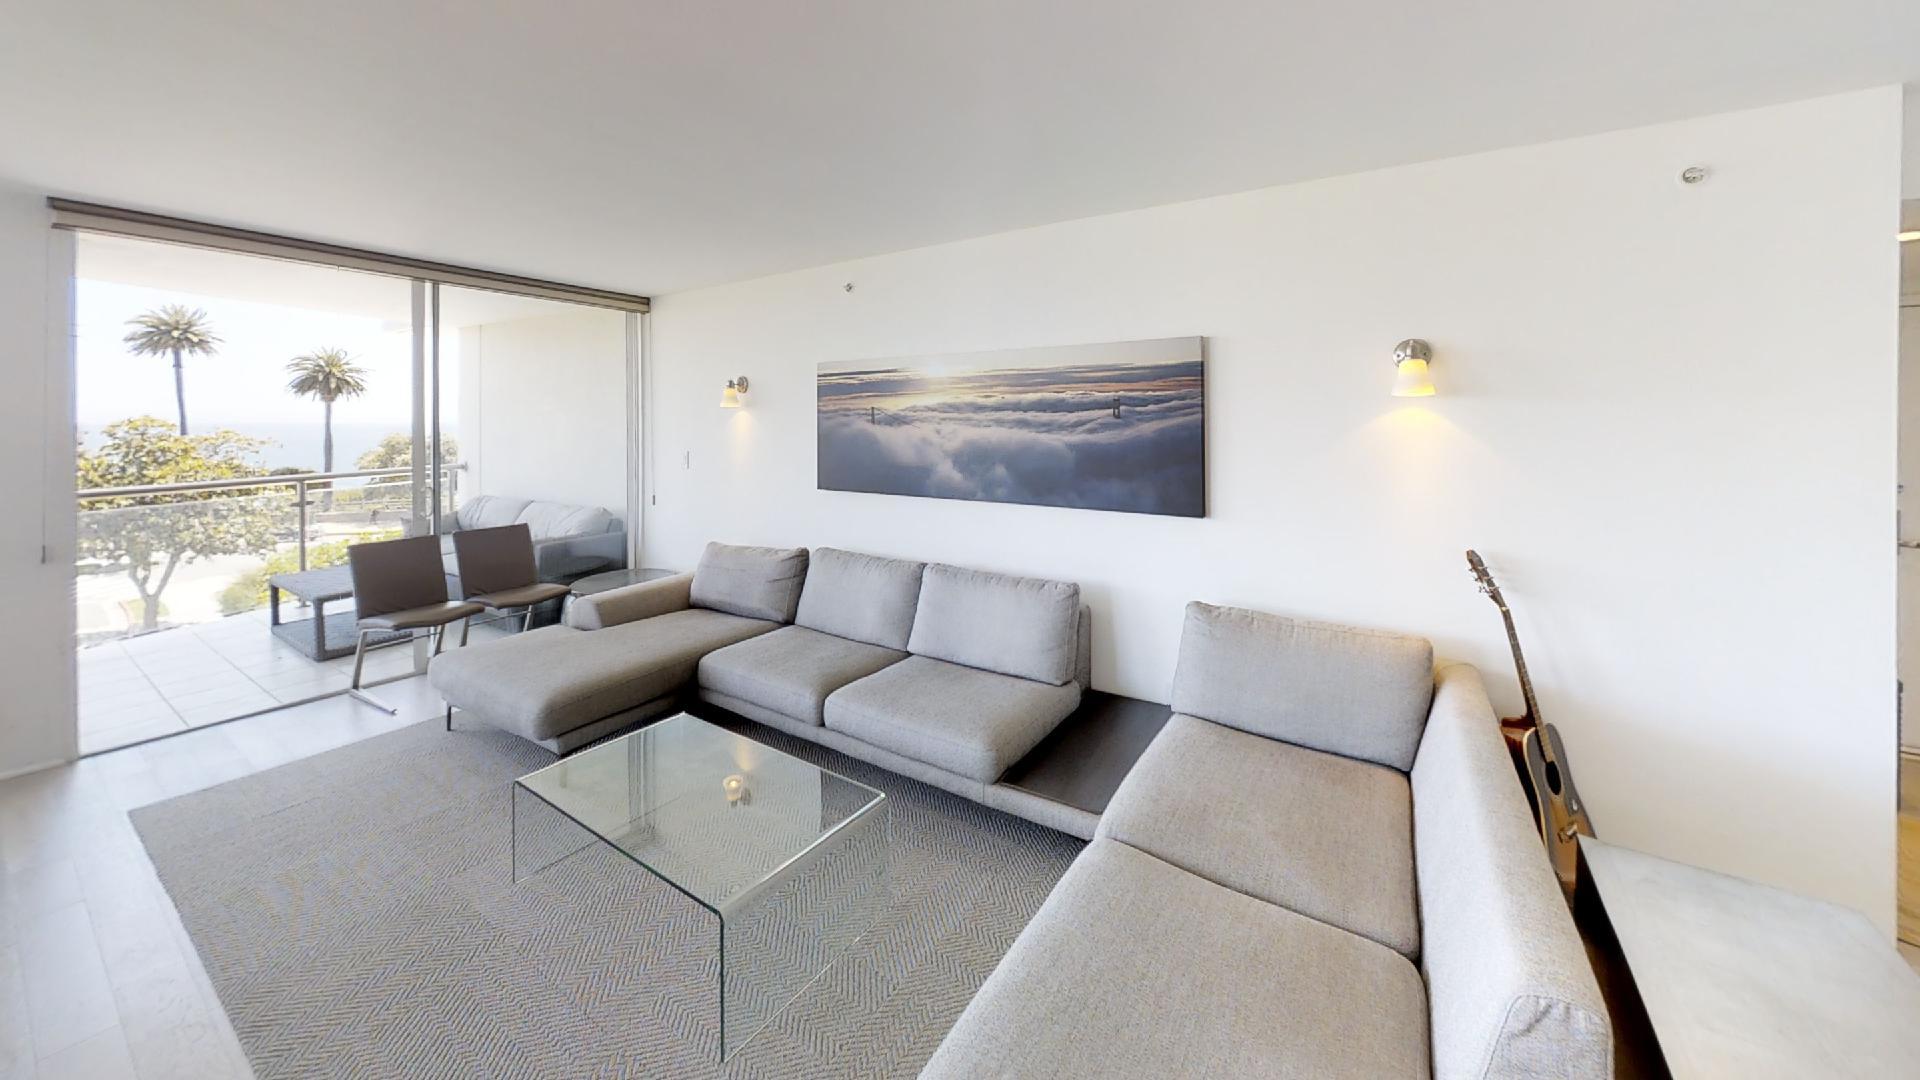 201-Ocean-Avenue-Living-Room.jpg